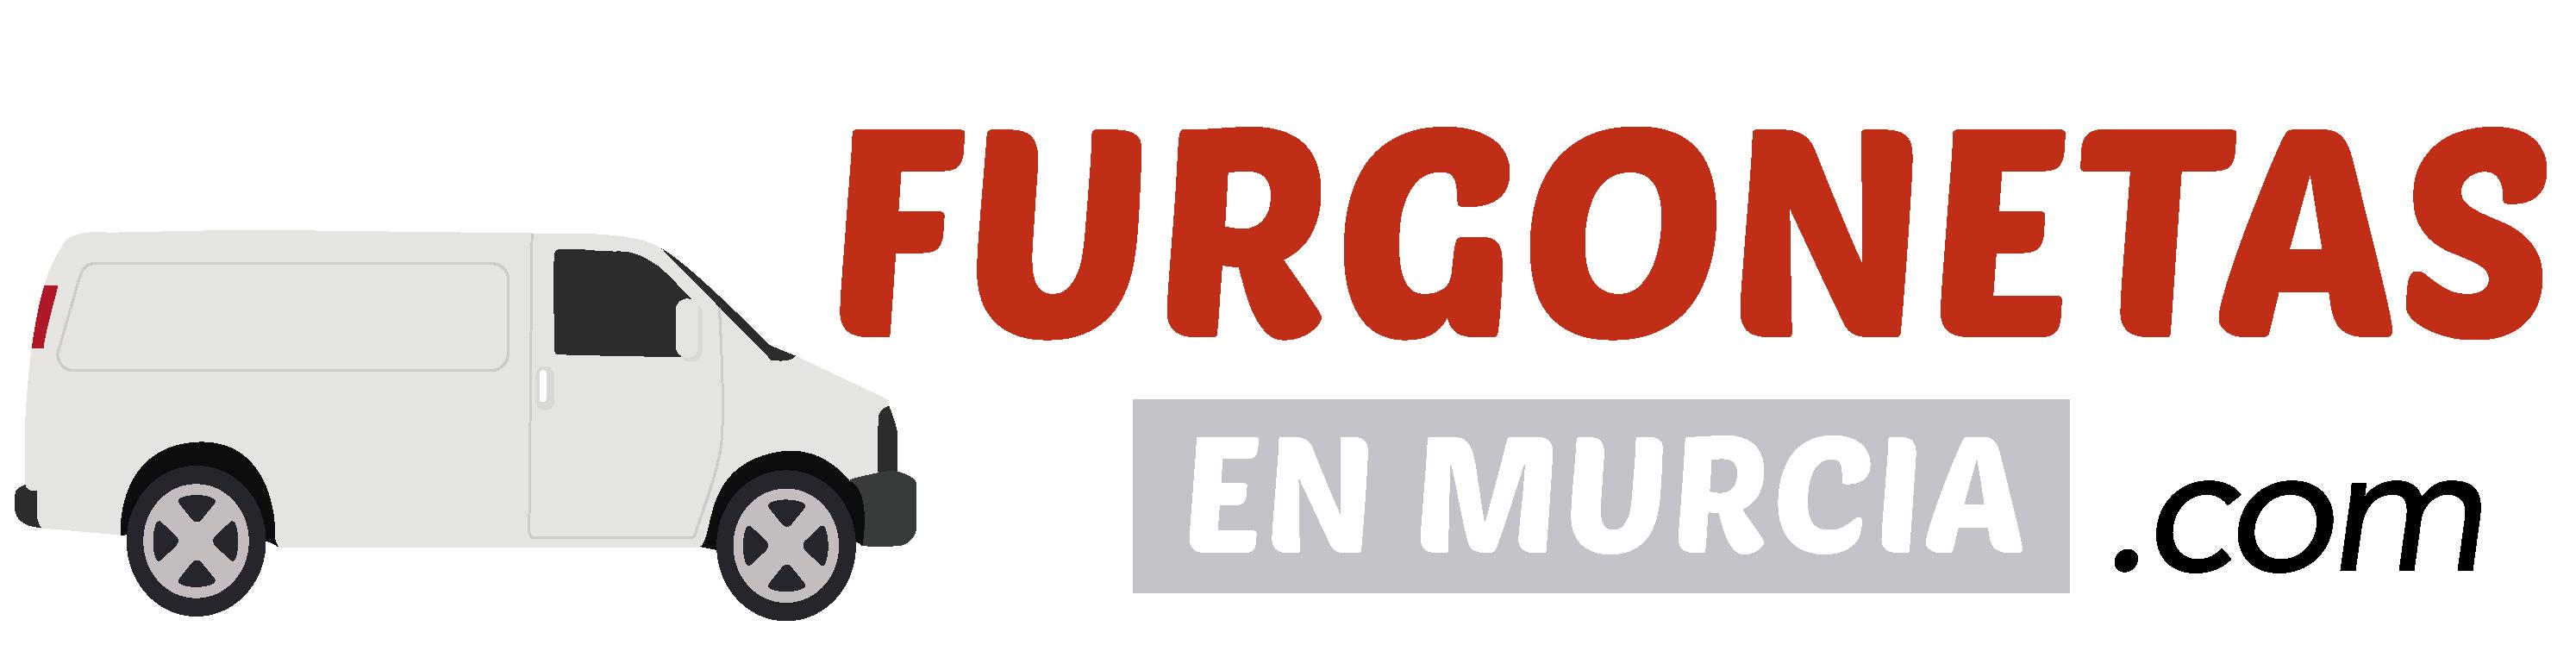 Furgonetas en Murcia